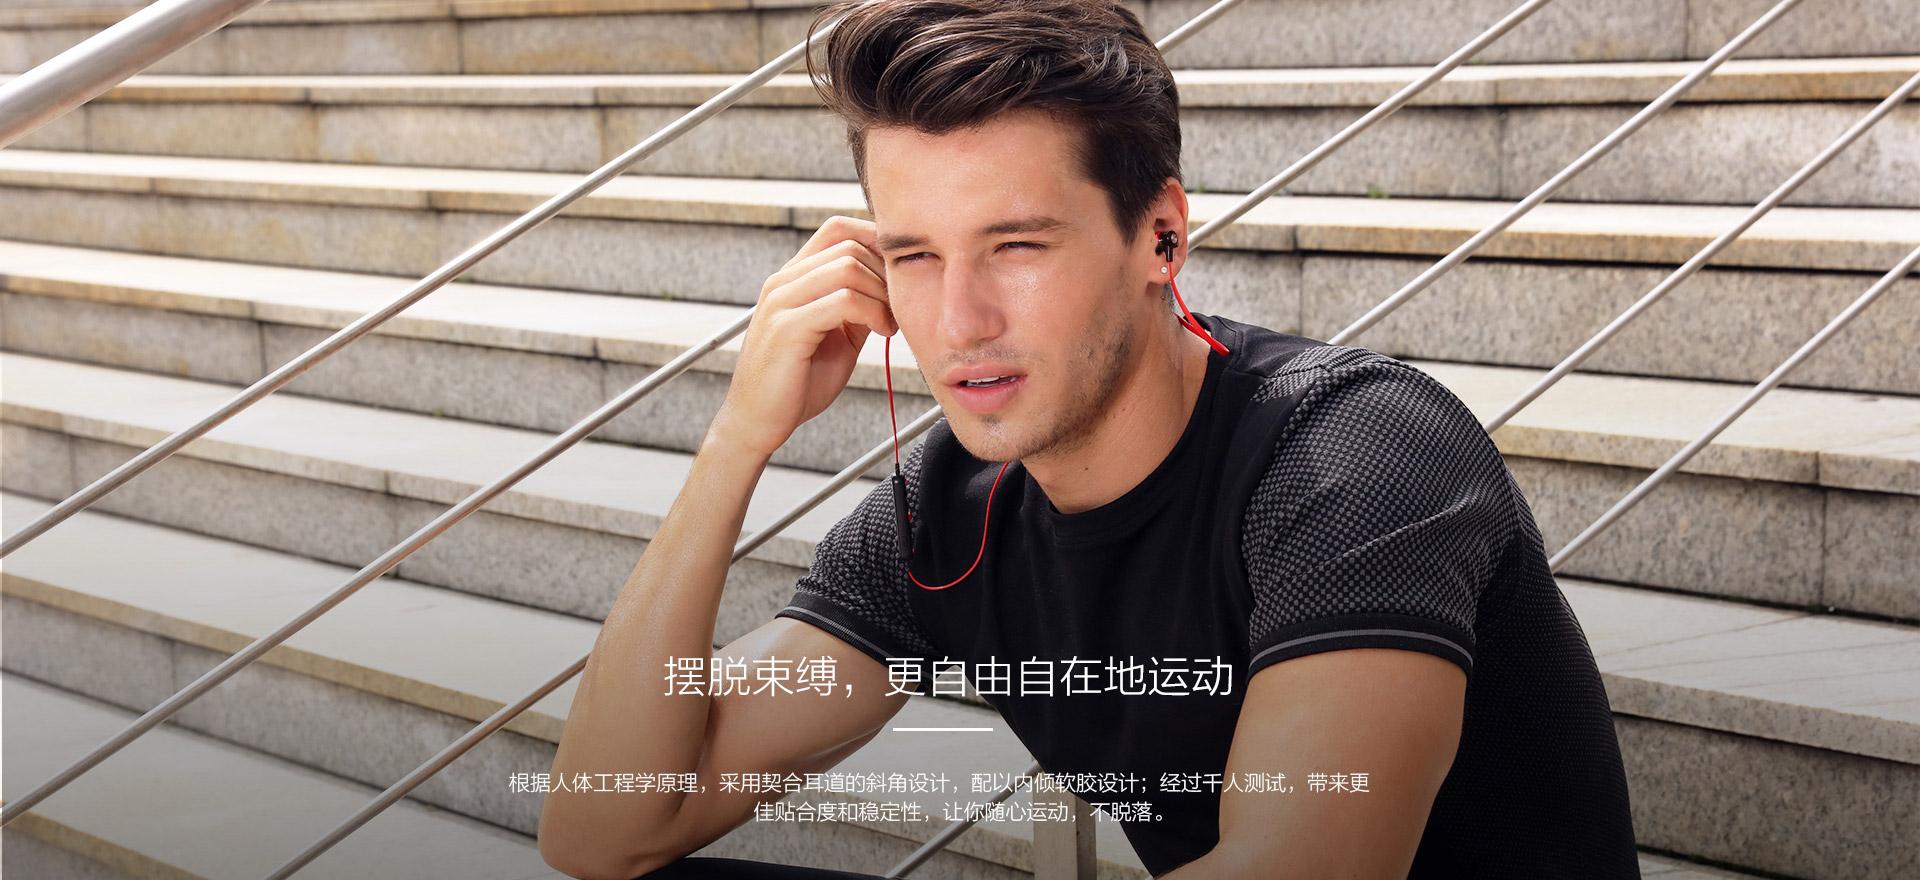 随心运动-智能运动蓝牙耳机A980BL